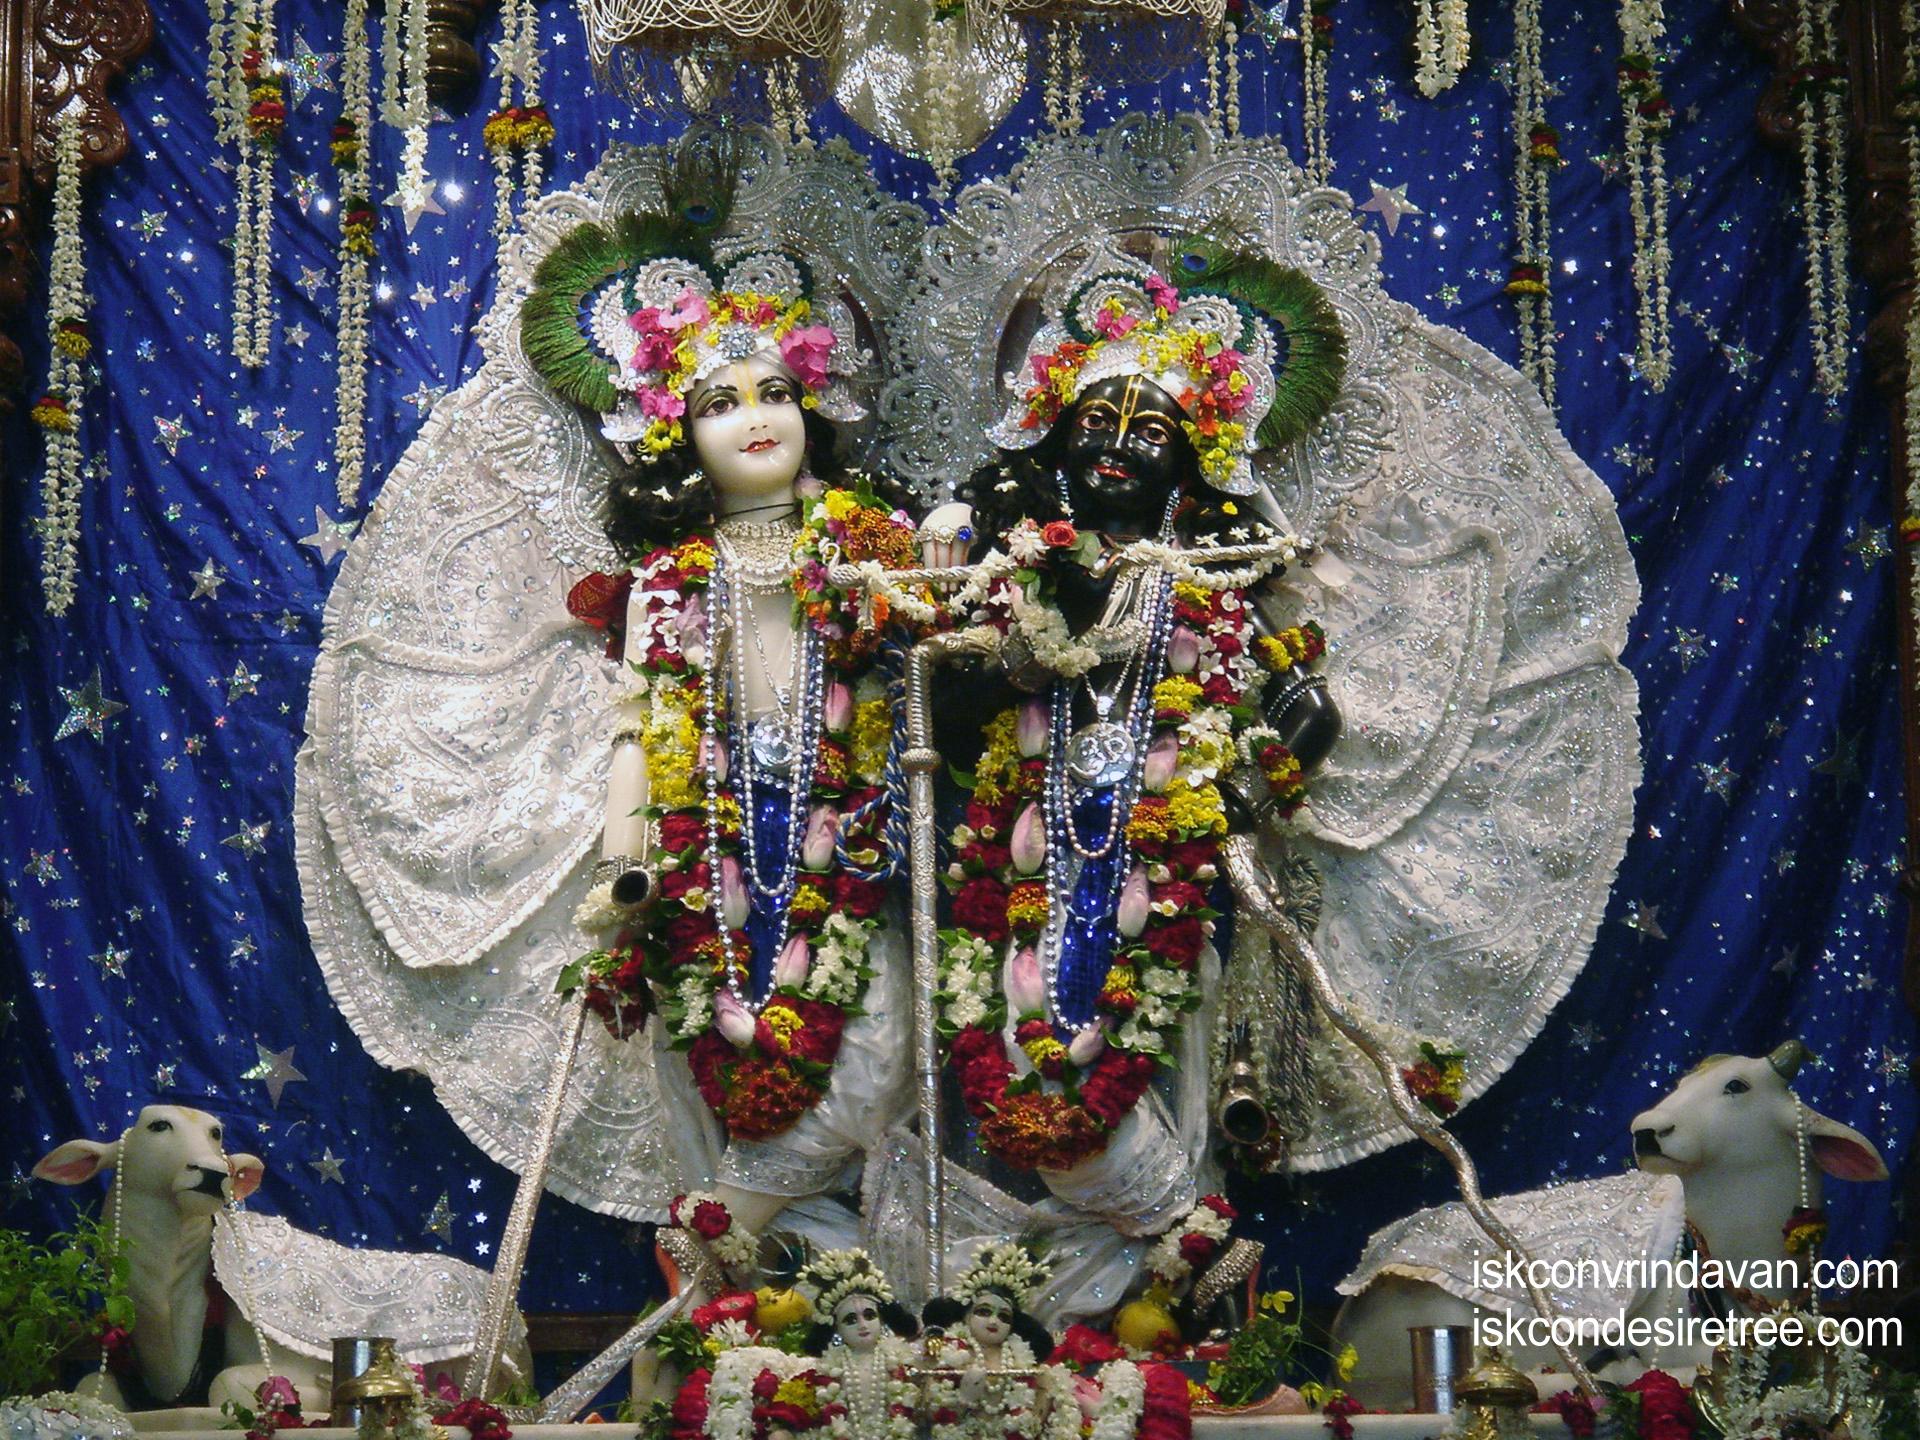 Sri Sri Krishna Balaram Wallpaper (026) Size 1920x1440 Download